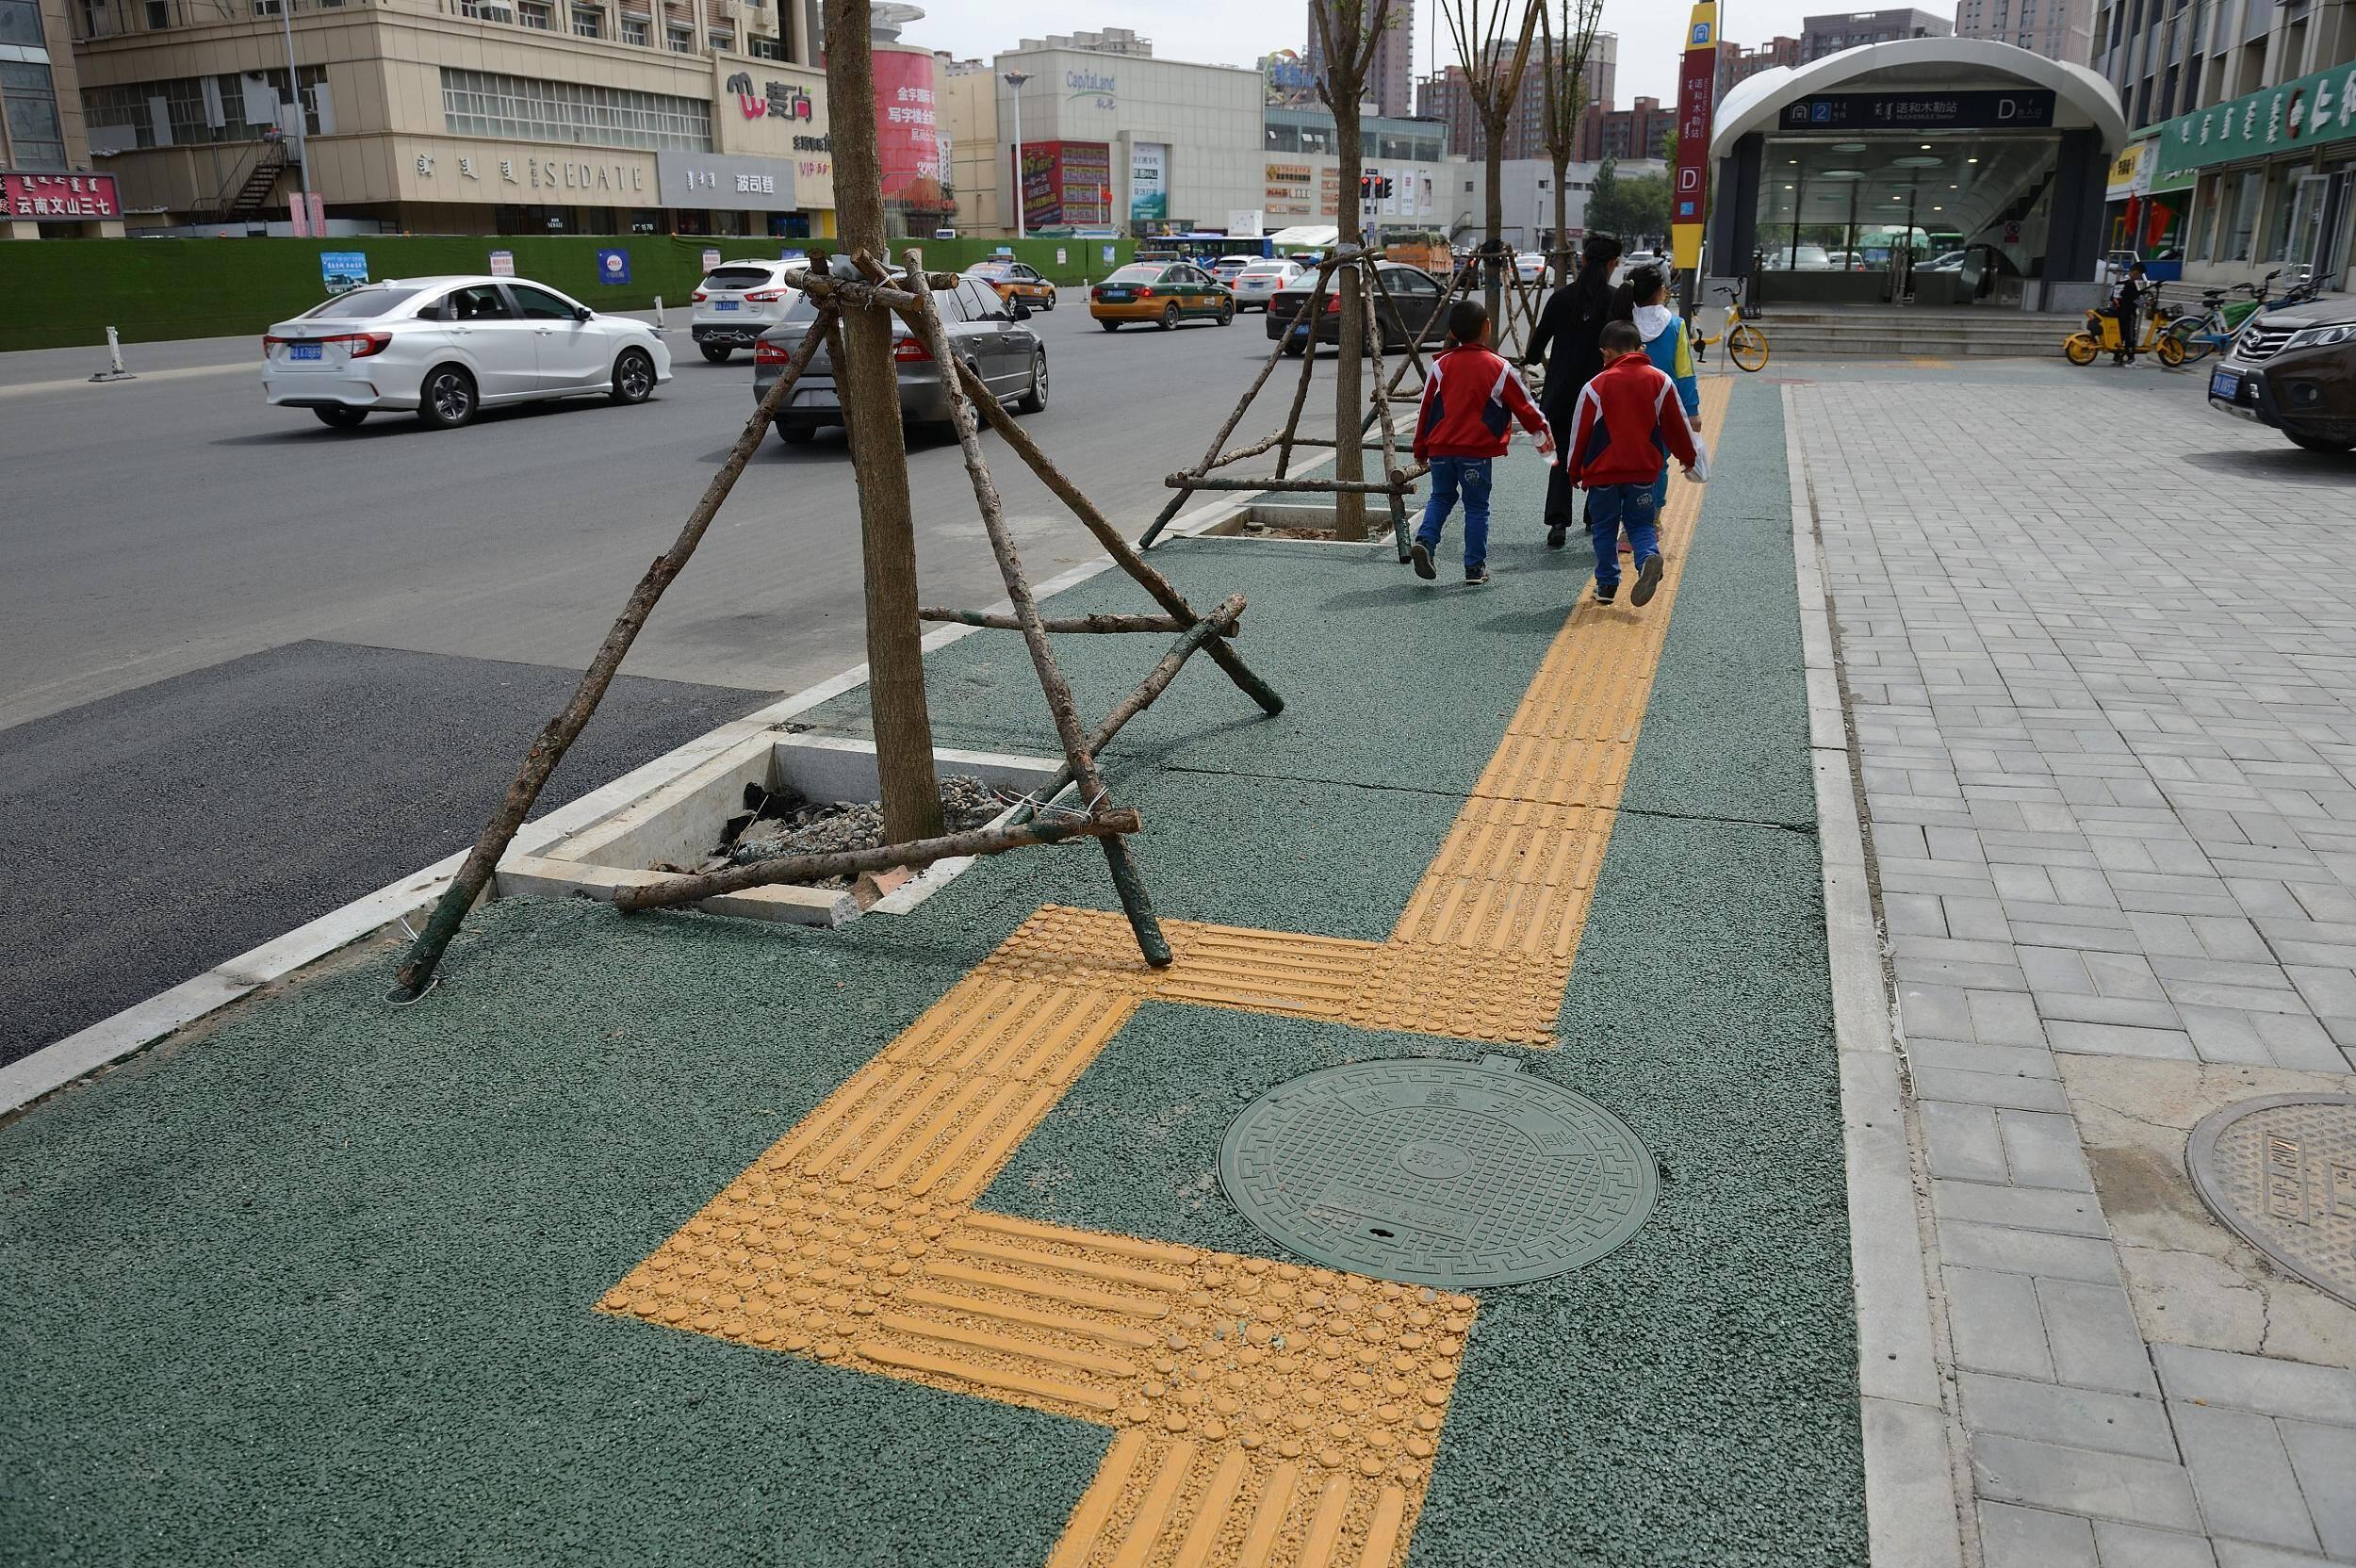 """昆明300米盲道遇30多处障碍,盲道不能成为城市规划治理的""""盲点""""丨闪电评论"""